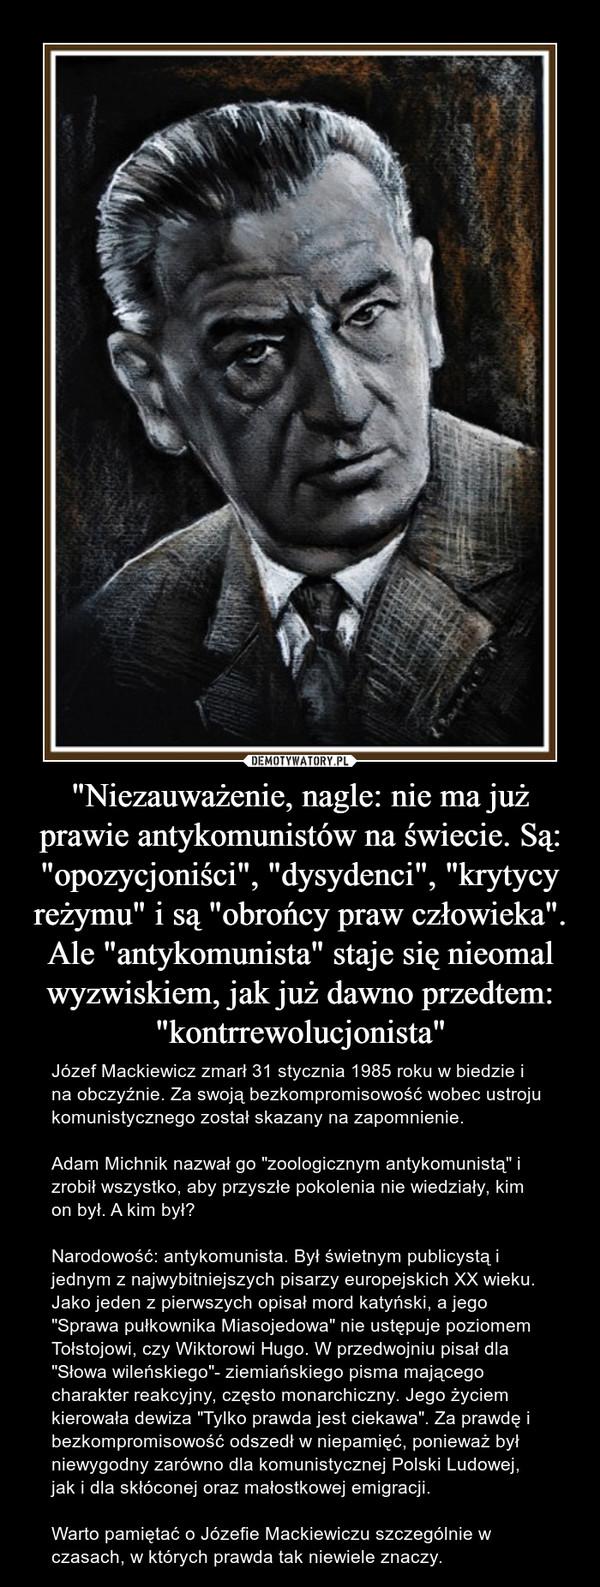 """""""Niezauważenie, nagle: nie ma już prawie antykomunistów na świecie. Są: """"opozycjoniści"""", """"dysydenci"""", """"krytycy reżymu"""" i są """"obrońcy praw człowieka"""". Ale """"antykomunista"""" staje się nieomal wyzwiskiem, jak już dawno przedtem: """"kontrrewolucjonista"""" – Józef Mackiewicz zmarł 31 stycznia 1985 roku w biedzie i na obczyźnie. Za swoją bezkompromisowość wobec ustroju komunistycznego został skazany na zapomnienie.Adam Michnik nazwał go """"zoologicznym antykomunistą"""" i zrobił wszystko, aby przyszłe pokolenia nie wiedziały, kim on był. A kim był?Narodowość: antykomunista. Był świetnym publicystą i jednym z najwybitniejszych pisarzy europejskich XX wieku. Jako jeden z pierwszych opisał mord katyński, a jego """"Sprawa pułkownika Miasojedowa"""" nie ustępuje poziomem Tołstojowi, czy Wiktorowi Hugo. W przedwojniu pisał dla """"Słowa wileńskiego""""- ziemiańskiego pisma mającego charakter reakcyjny, często monarchiczny. Jego życiem kierowała dewiza """"Tylko prawda jest ciekawa"""". Za prawdę i bezkompromisowość odszedł w niepamięć, ponieważ był niewygodny zarówno dla komunistycznej Polski Ludowej, jak i dla skłóconej oraz małostkowej emigracji. Warto pamiętać o Józefie Mackiewiczu szczególnie w czasach, w których prawda tak niewiele znaczy."""